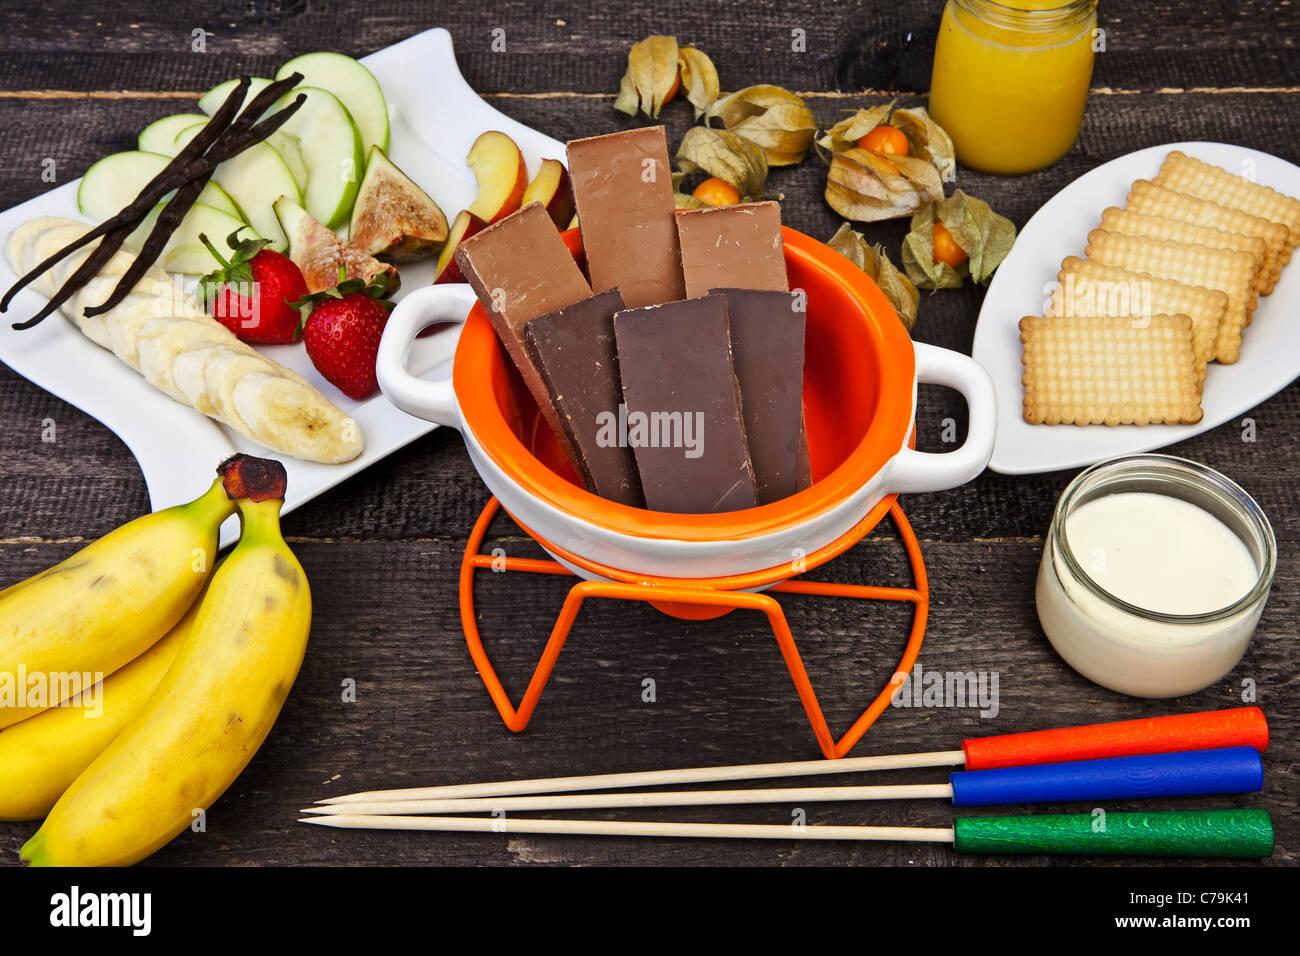 Ingredientes frescos para una típica fondue de chocolate suizo con fruta y galletas Imagen De Stock